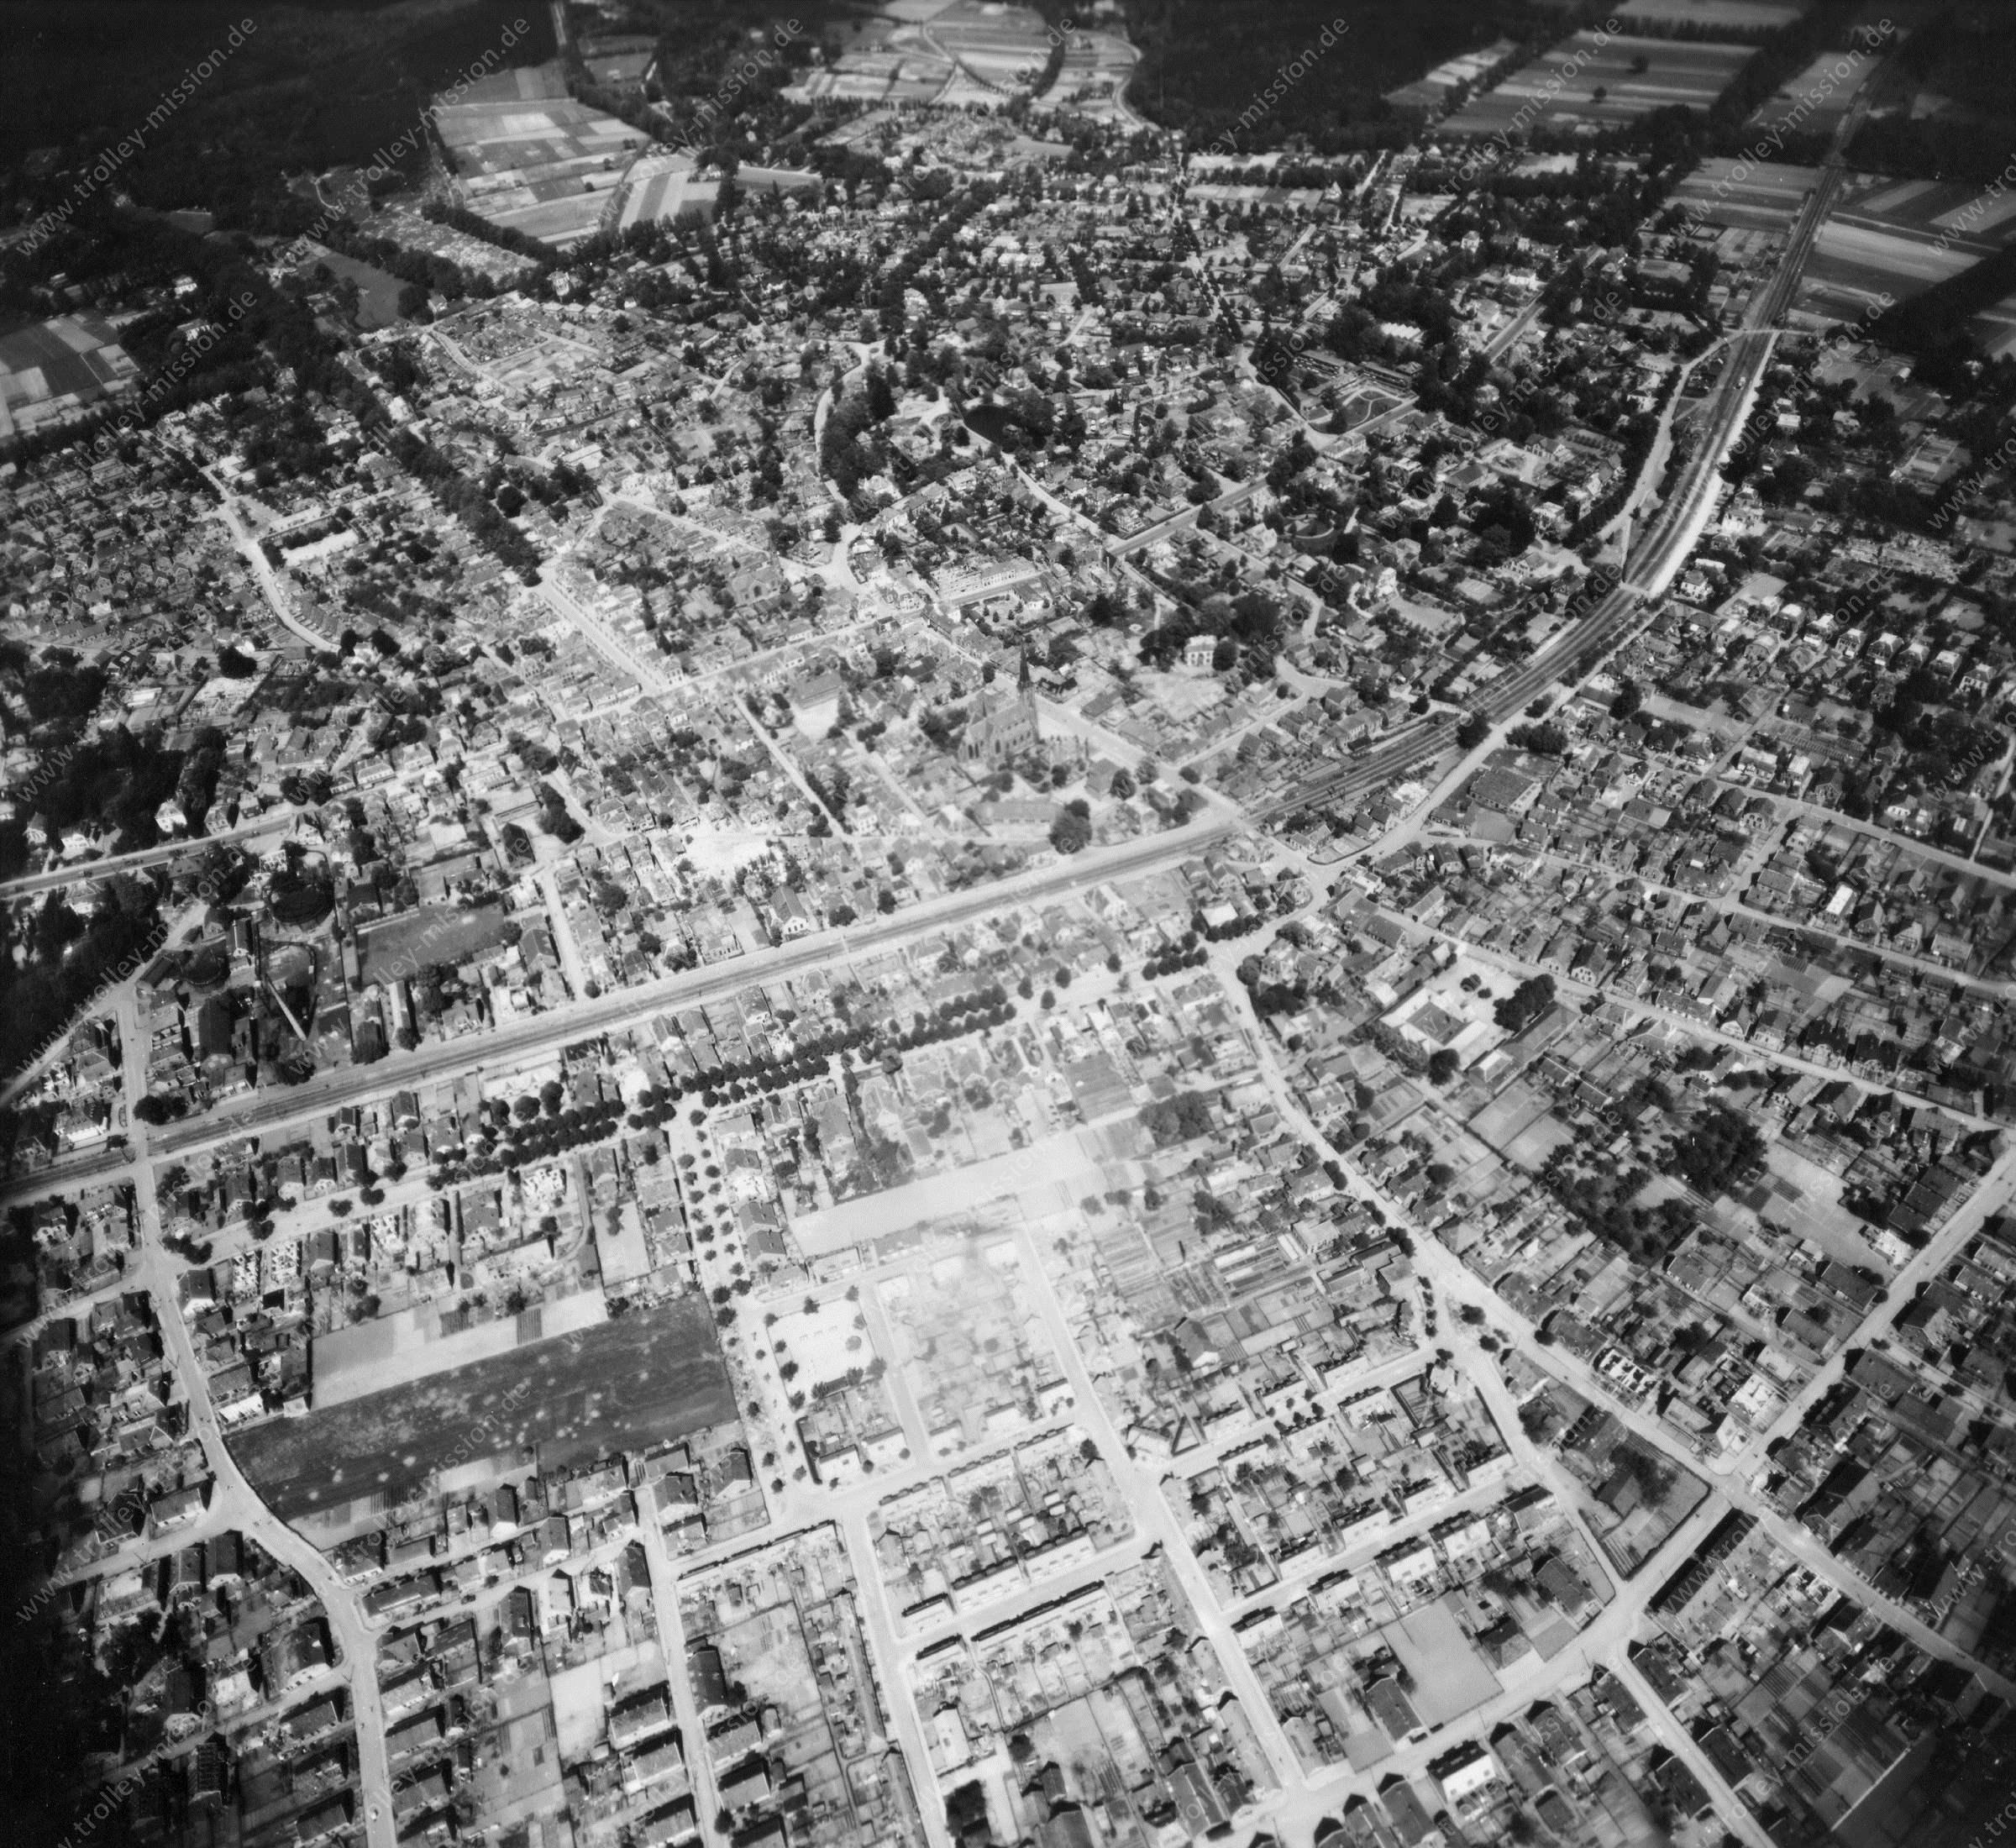 Velp - Luftbild aus dem Weltkrieg - Luftbildserie 3/5 der US Luftwaffe (Niederlande)